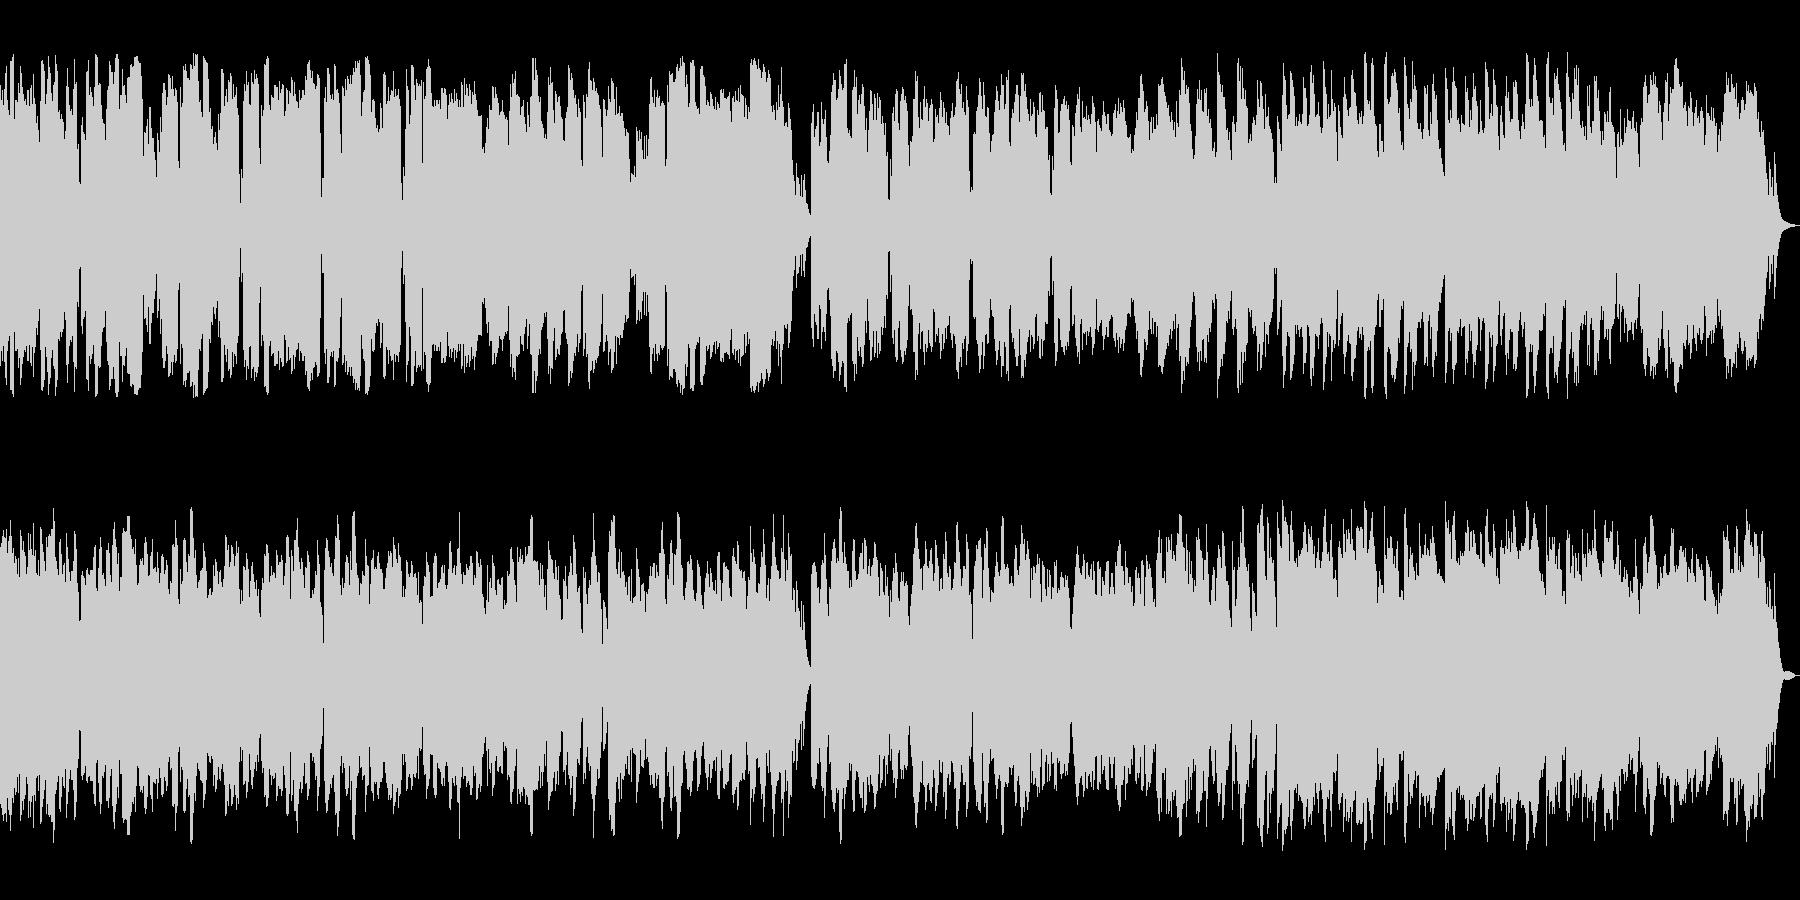 ピアノ管楽器による優しいメロディアス楽曲の未再生の波形